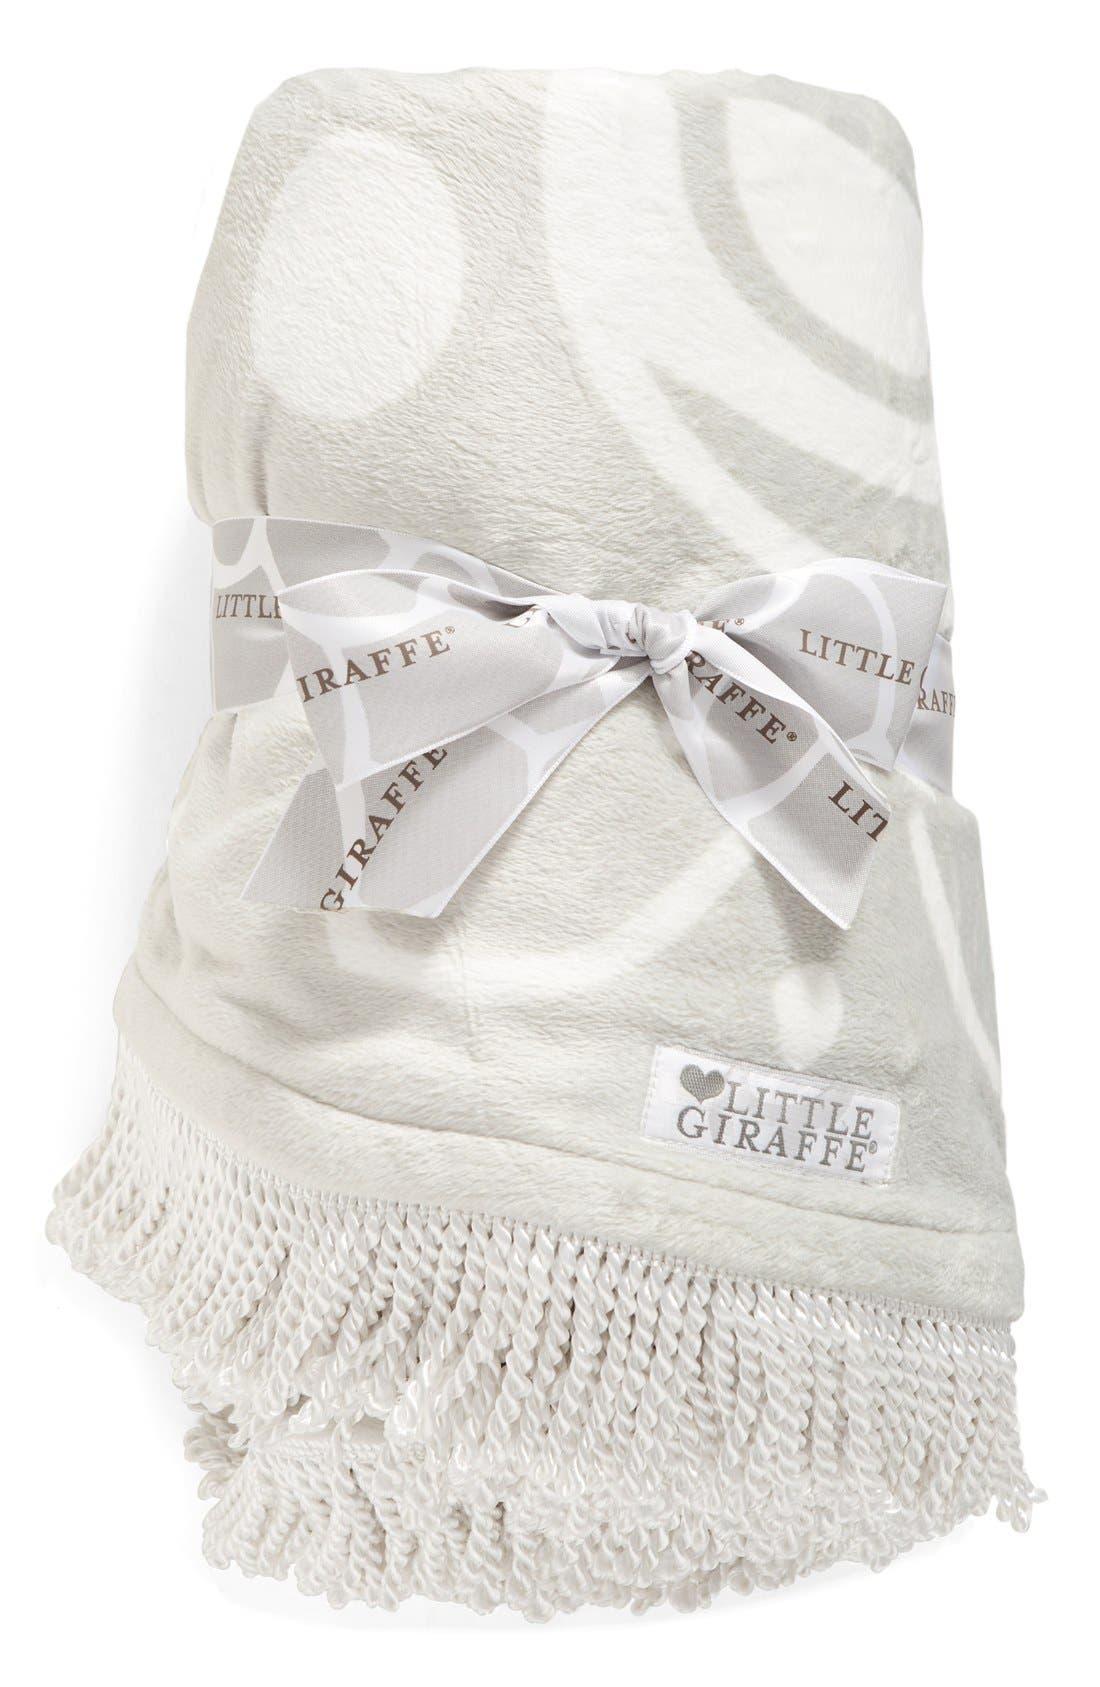 Little Giraffe Bliss™ Round Blanket